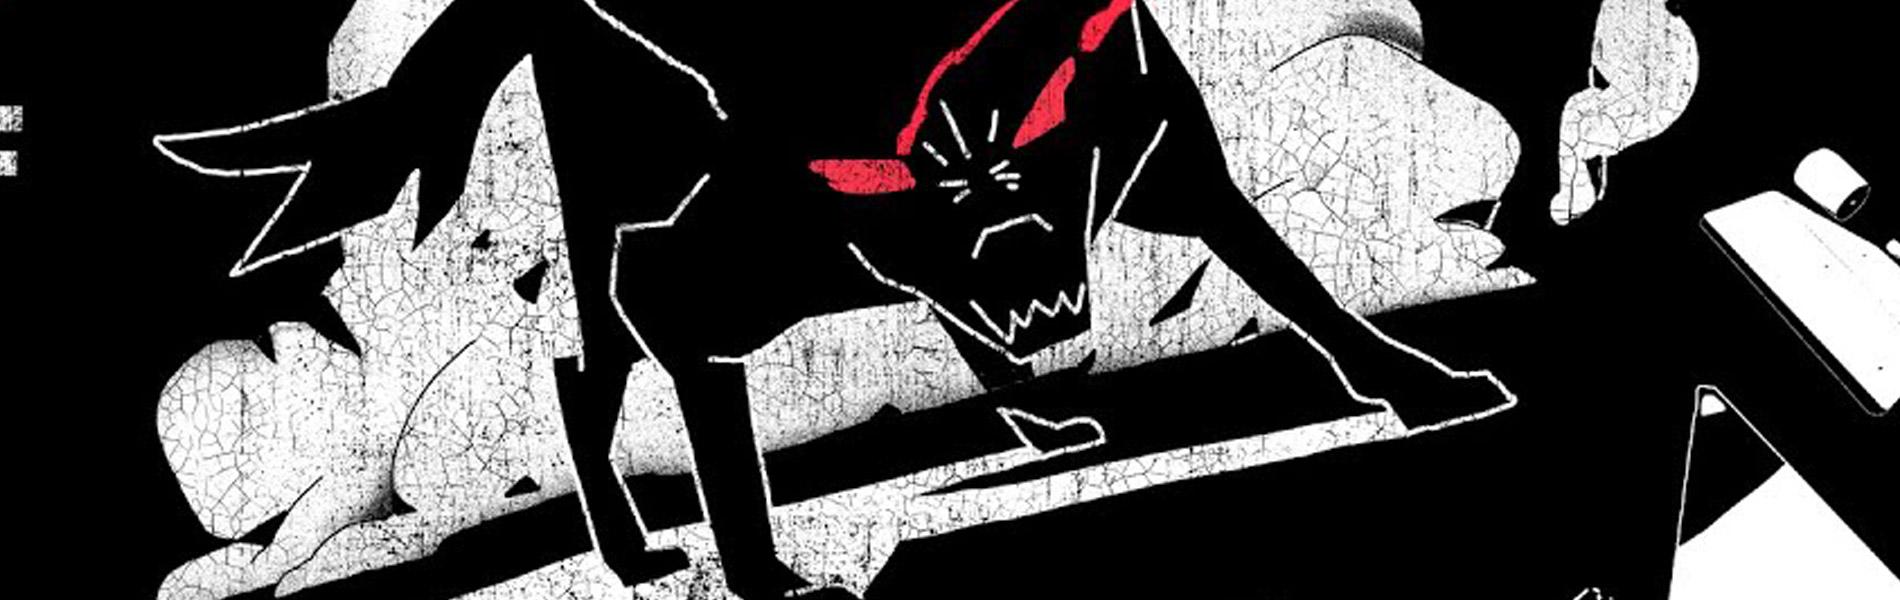 Insomniac Radio: The Wolf